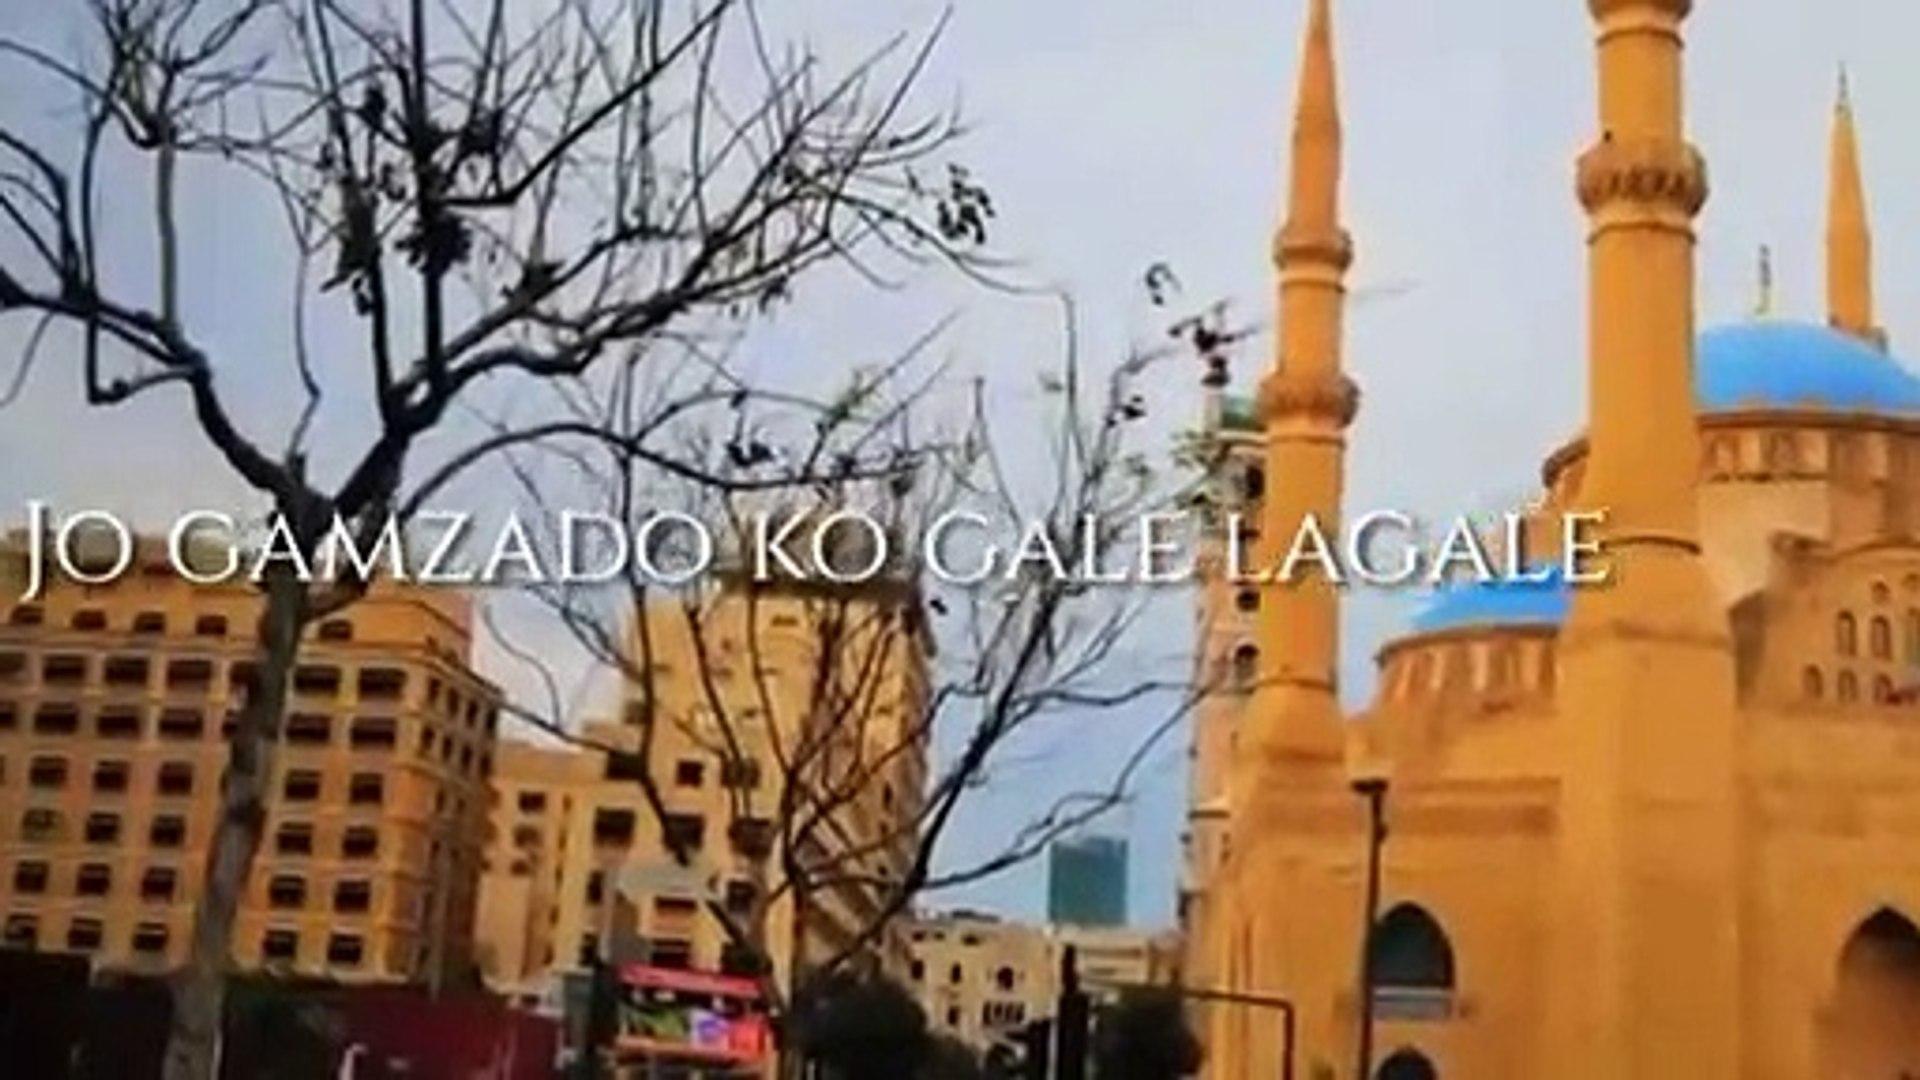 Naat Sharif Whatsapp Status 2020 | New_Naat_whatsapp_status_video 2020, islamic whatsapp status, isl